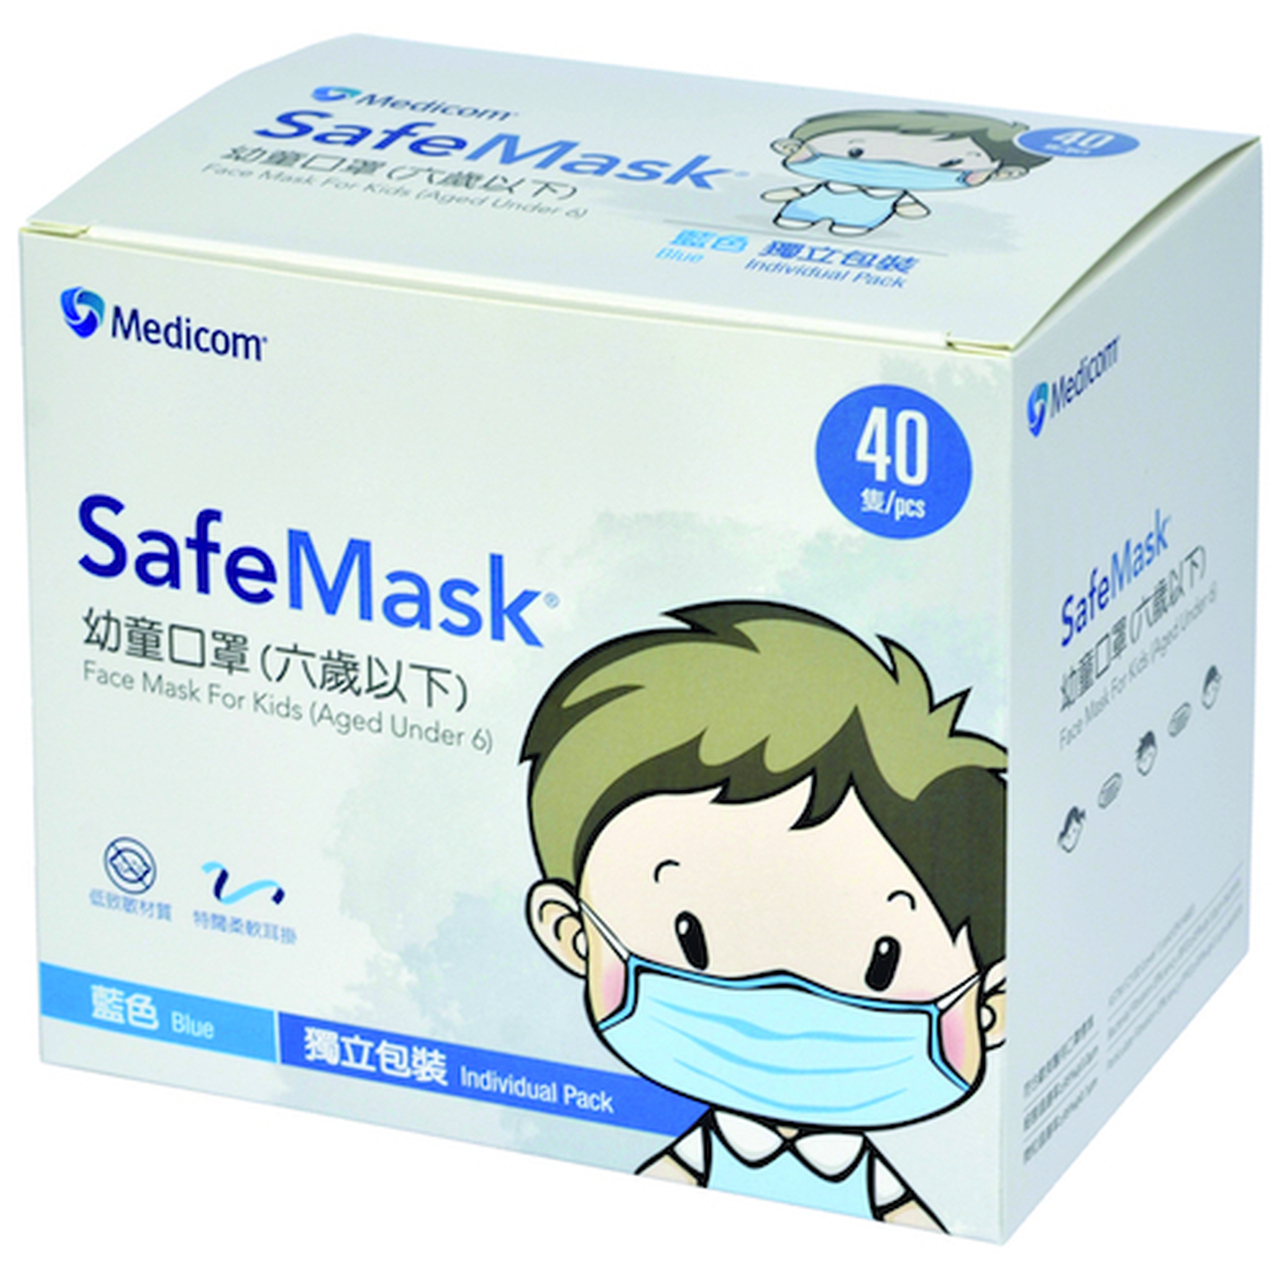 safe mask medicom